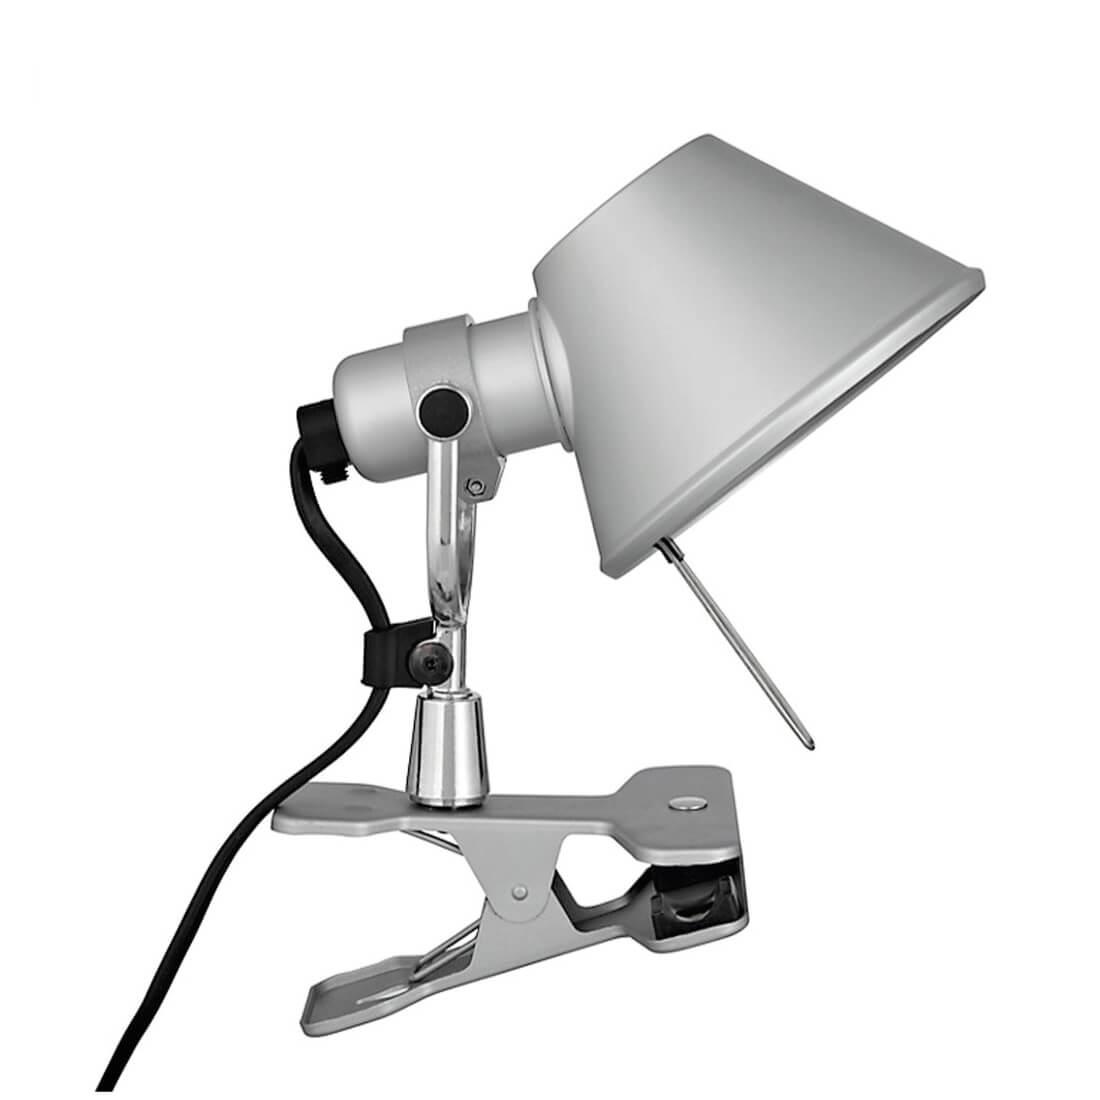 Tolomeo pinza halo artemide lampada da parete la luce - Lampada da tavolo con pinza ...